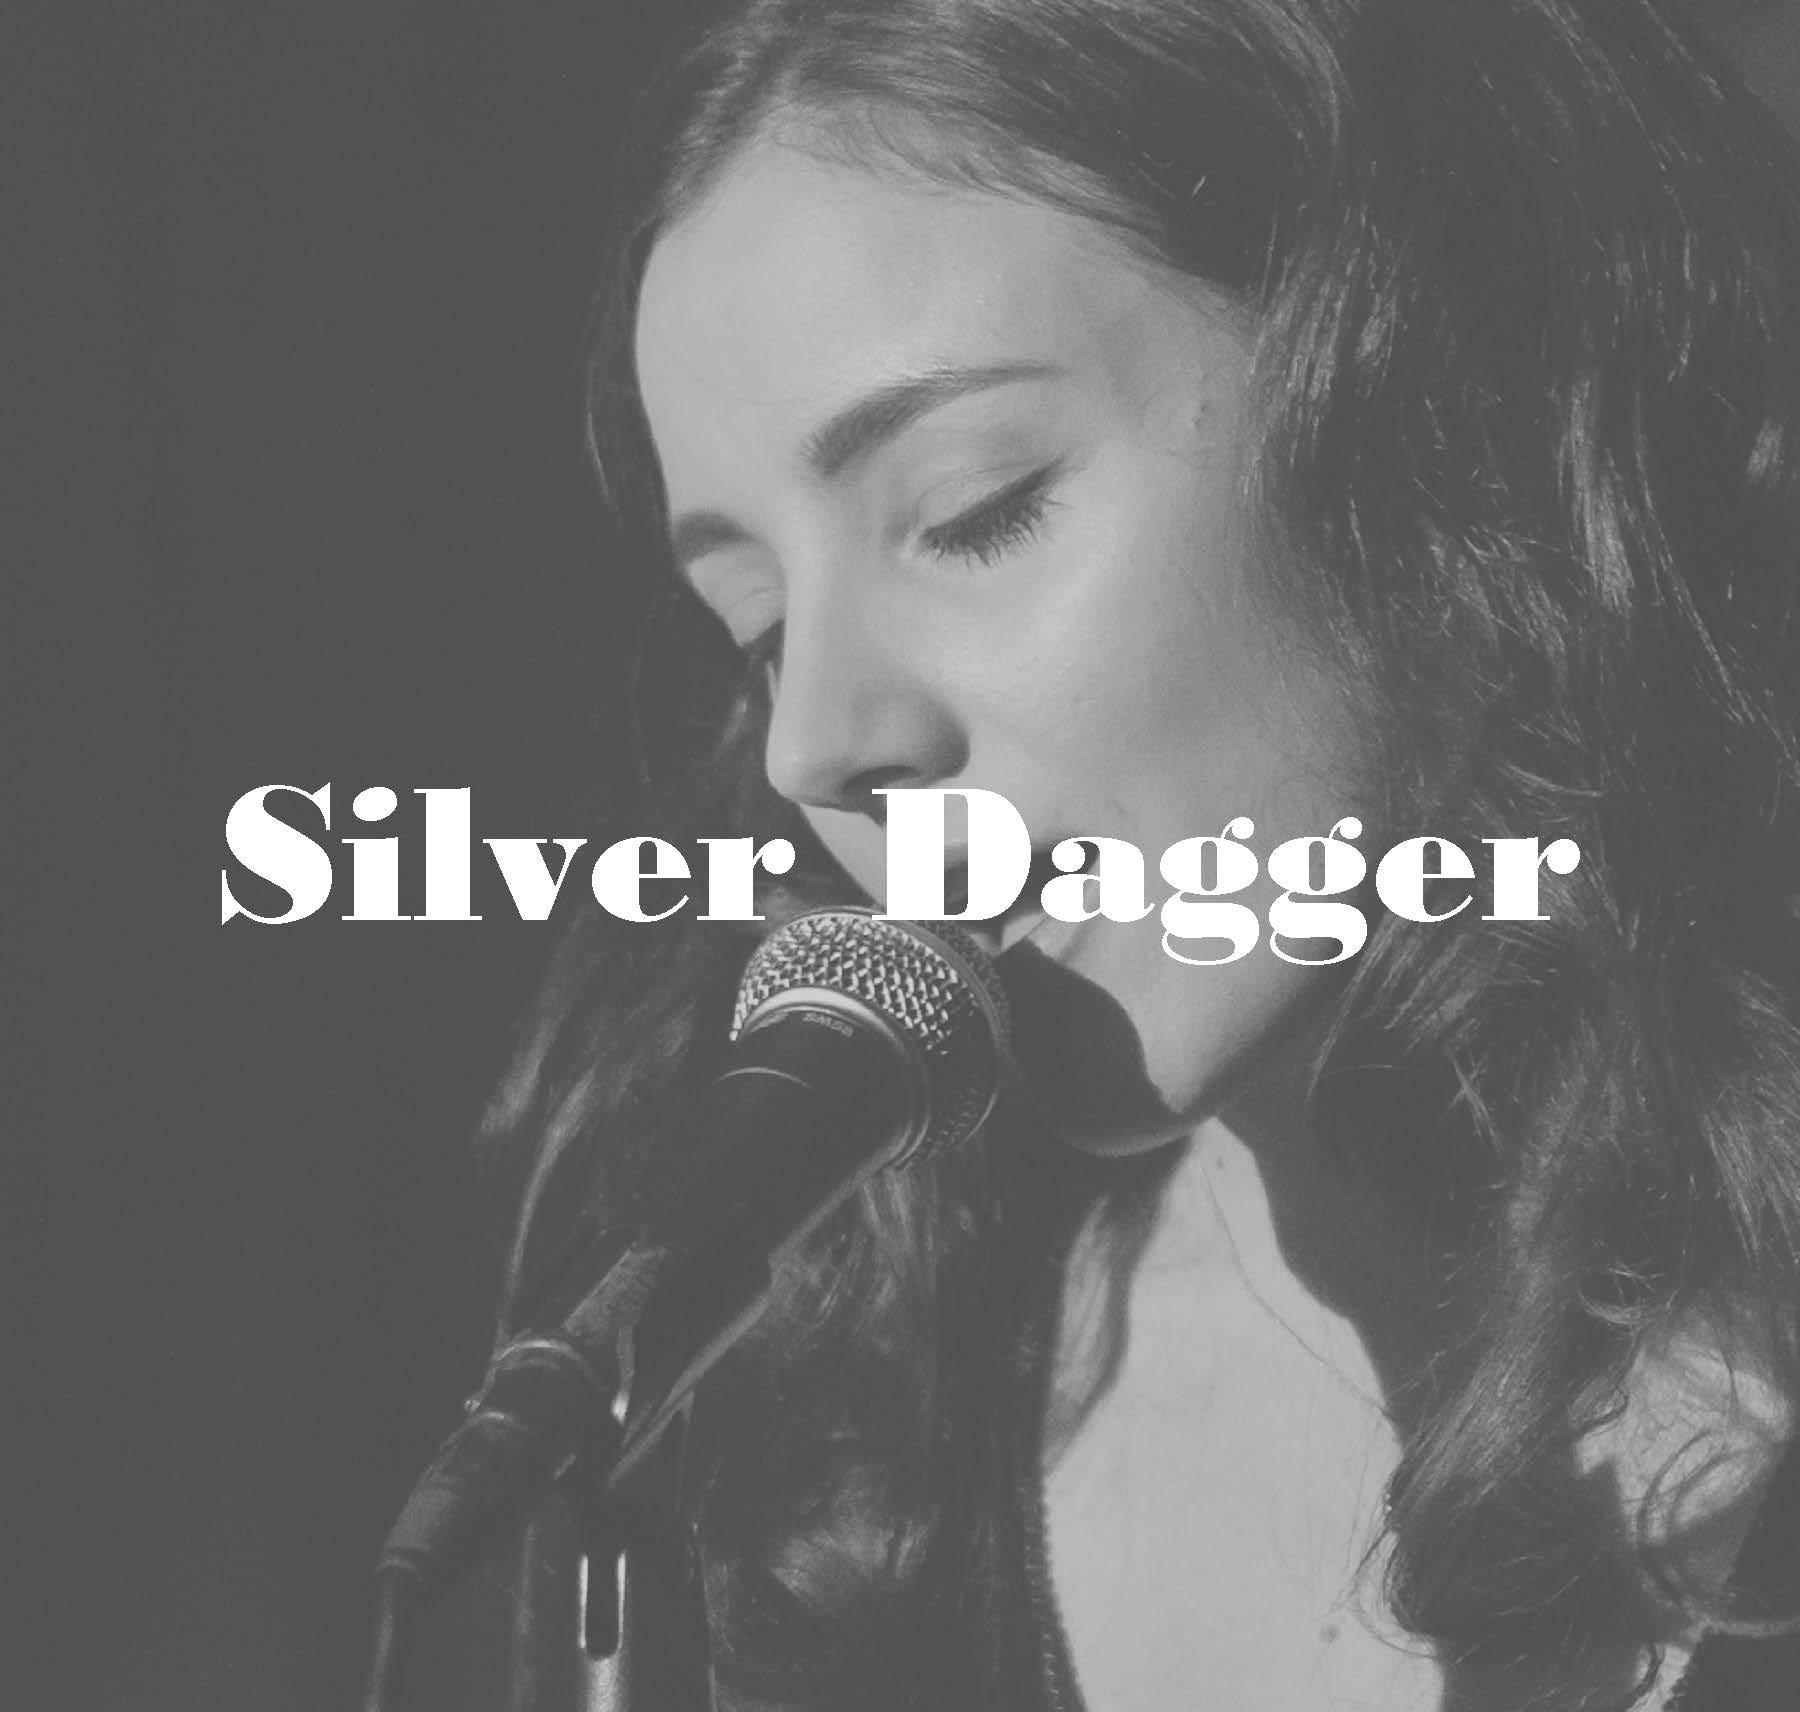 Silver dagger ebony buckle